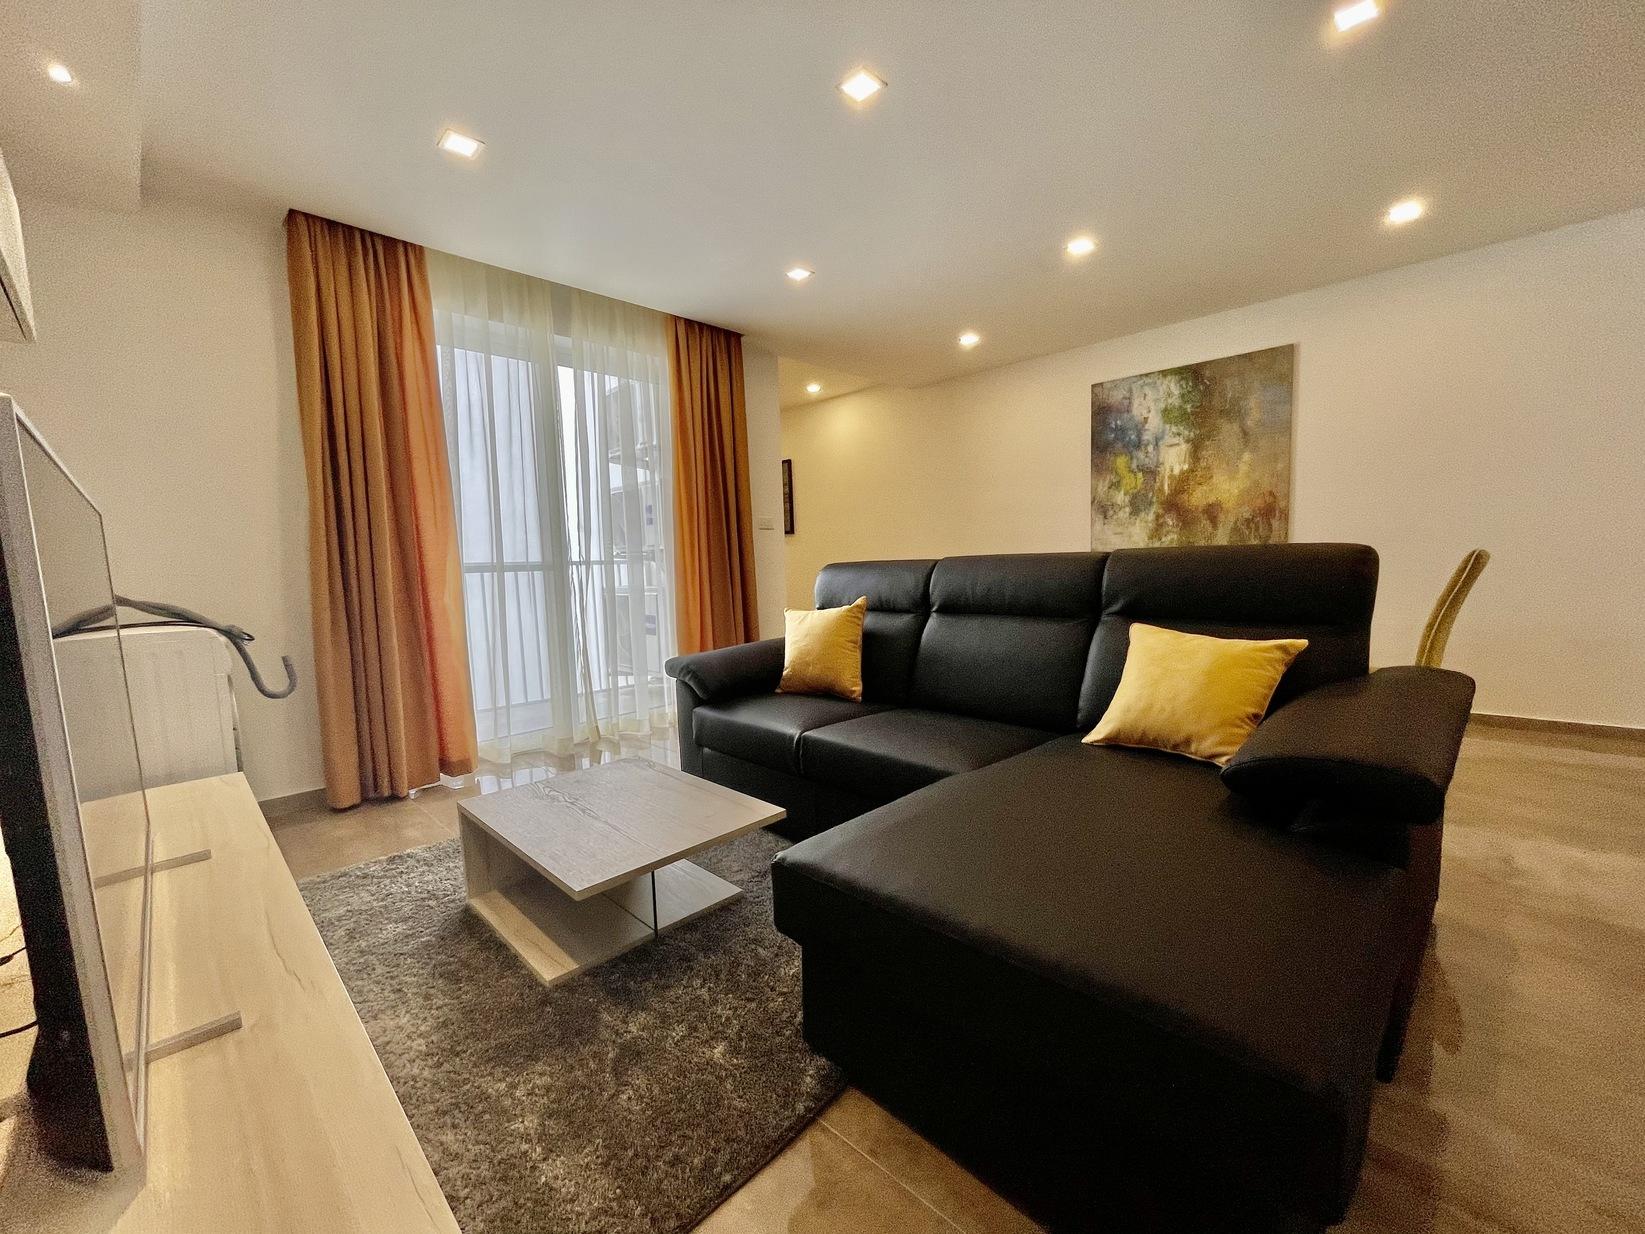 3 bed Apartment For Rent in Pieta, Pieta - thumb 4